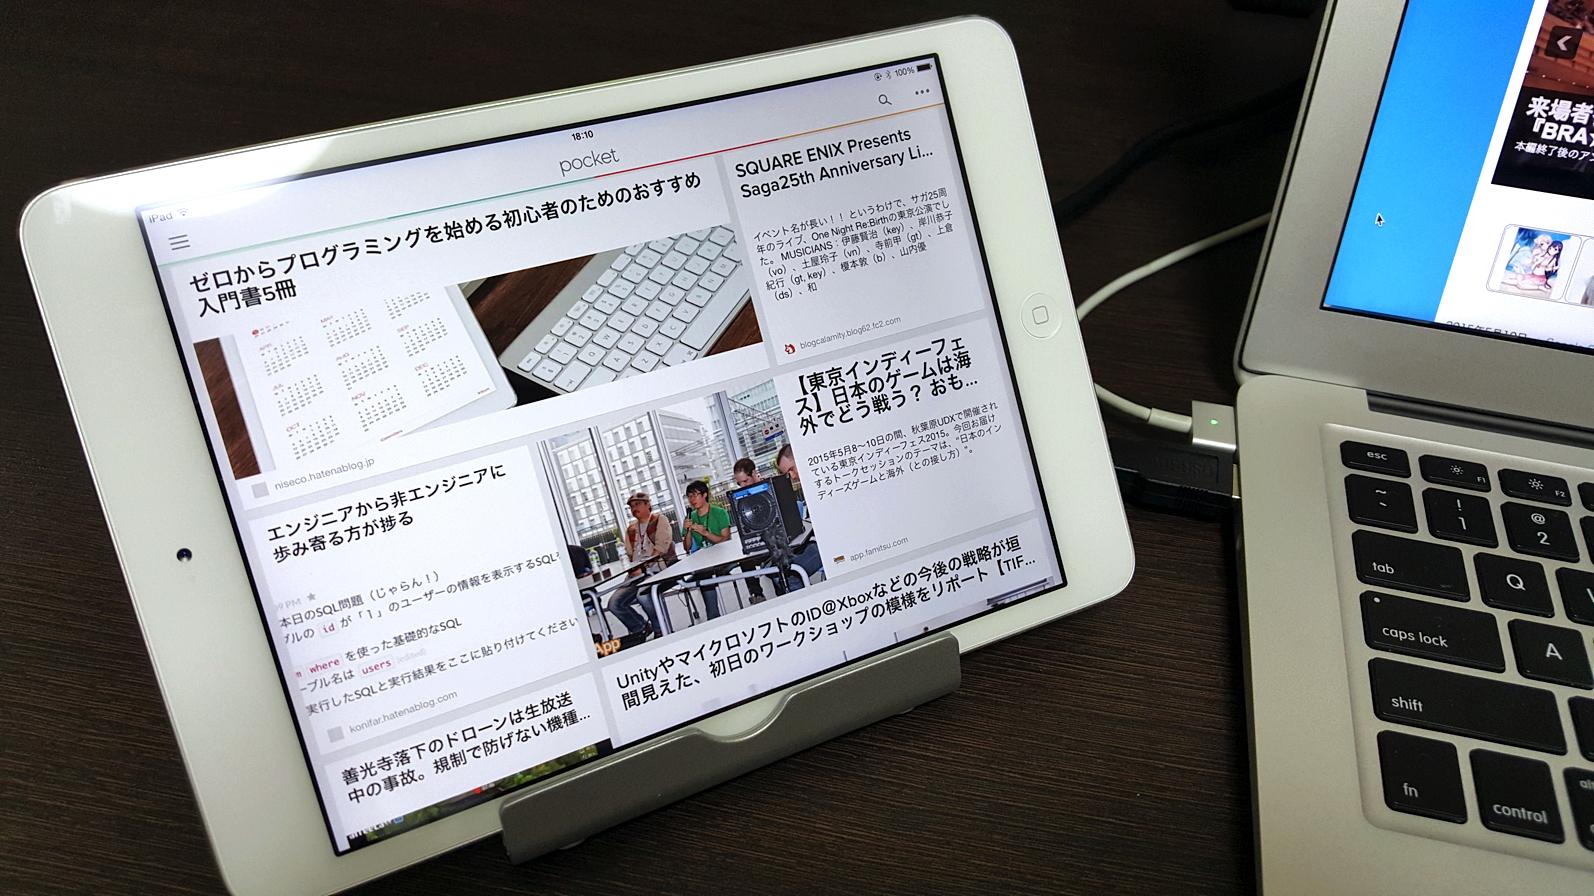 デスクの脇にそっと置けるコンパクトさが魅力的。スマホ・タブレット用スタンド『Aukey HD-T5』レビュー